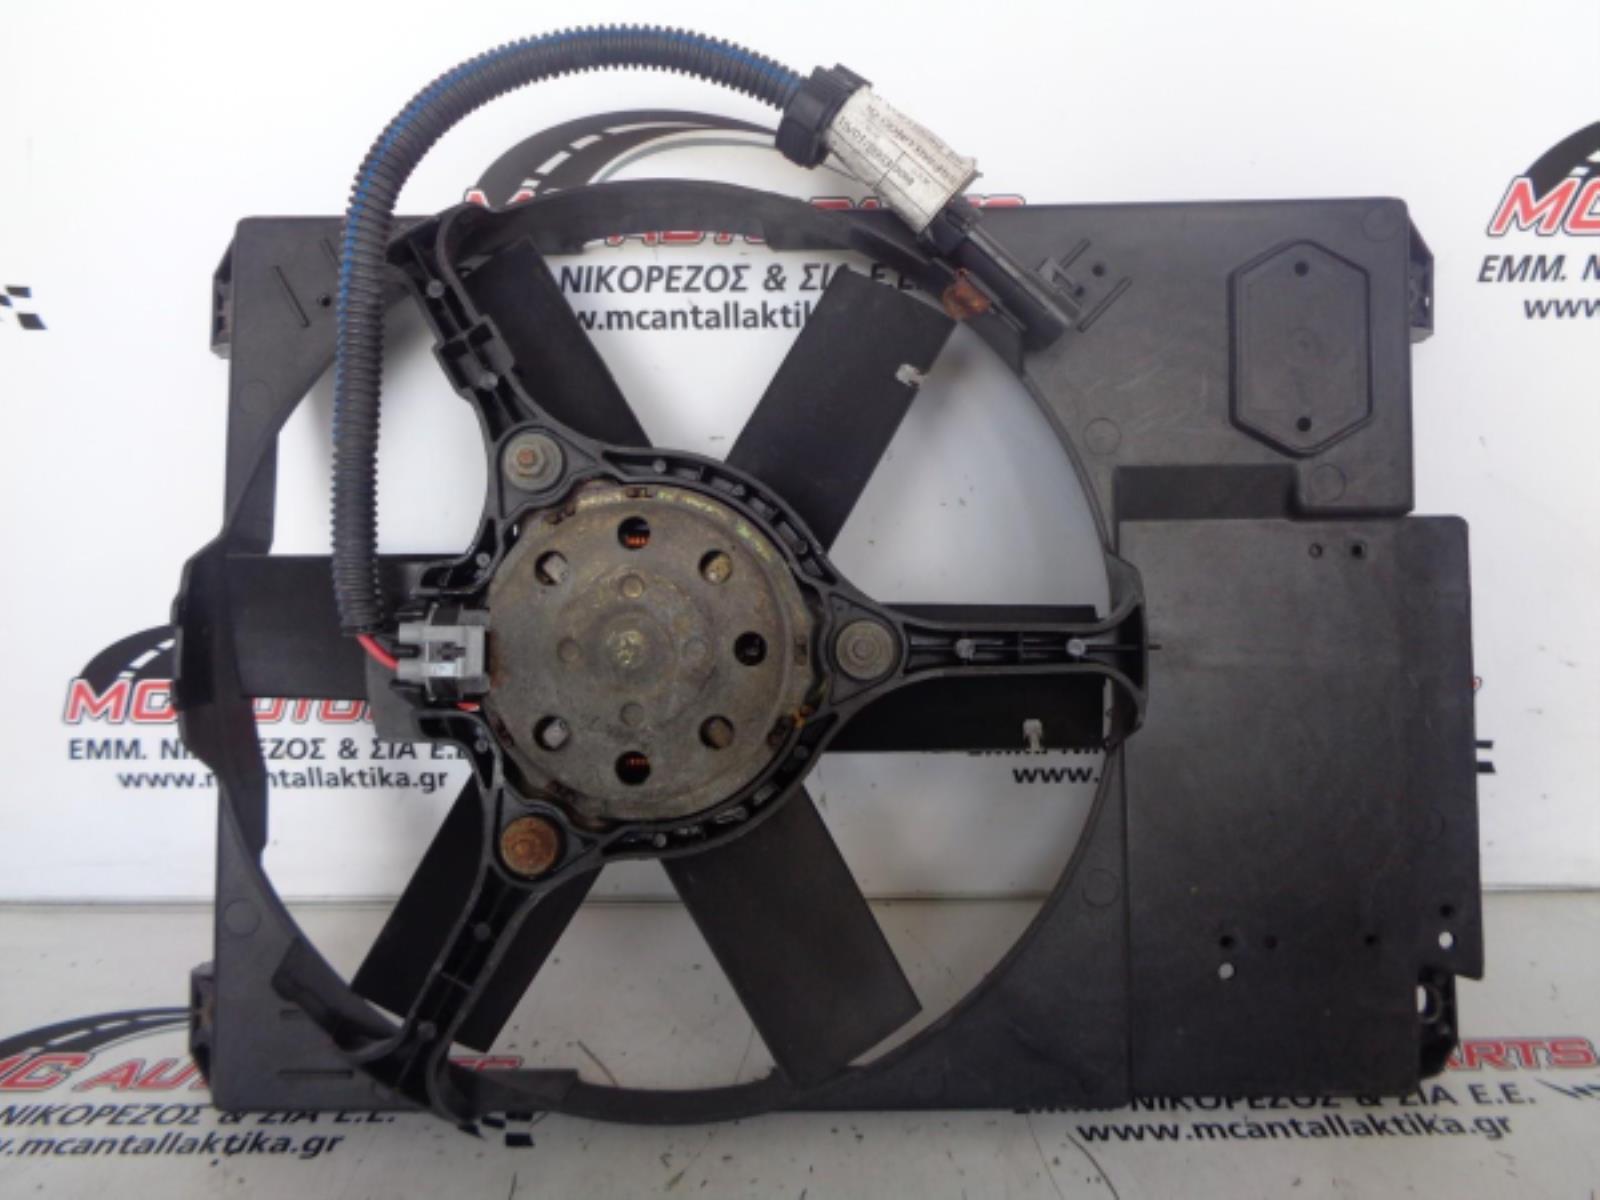 Εικόνα από Βεντιλατέρ  FIAT DUCATO (2002-2006)  8240120   νερού και aircondition σε πλαίσιο